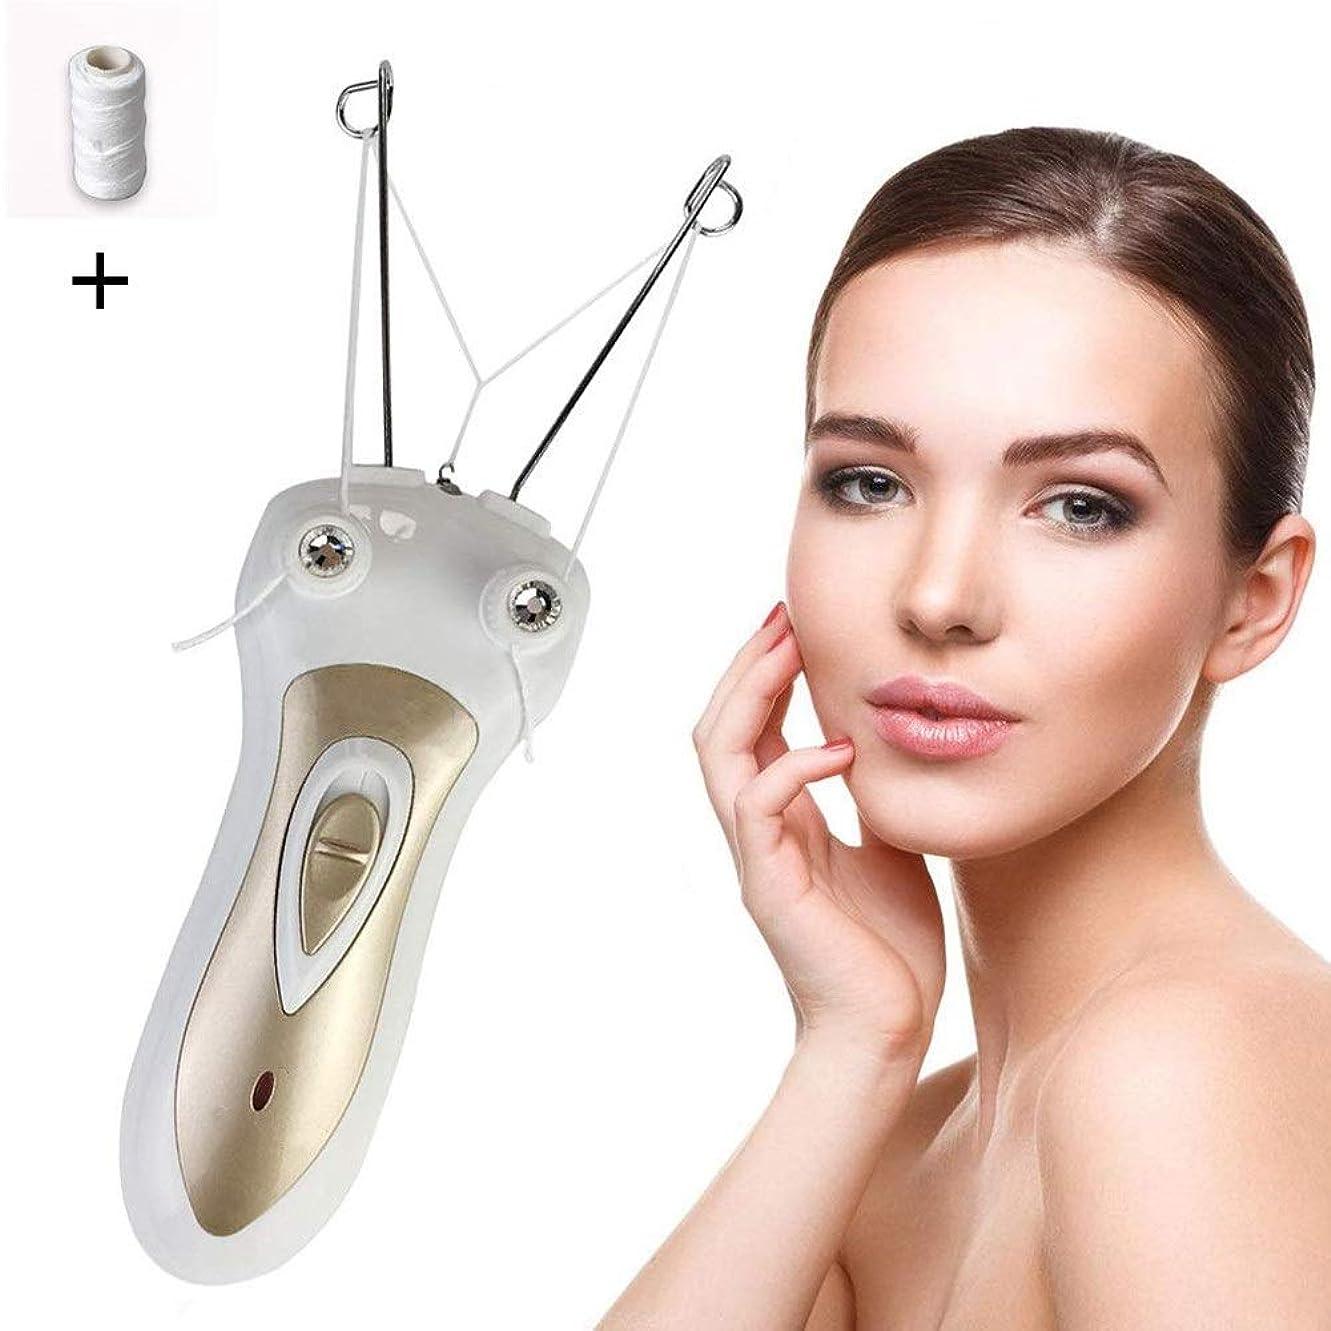 闇にじみ出る分数顔毛リムーバー、電動スレッディング脱毛器、ピーチファズ上唇のあごの毛と口ひげを除去する女性のための眉毛リムーバー、充電式USB